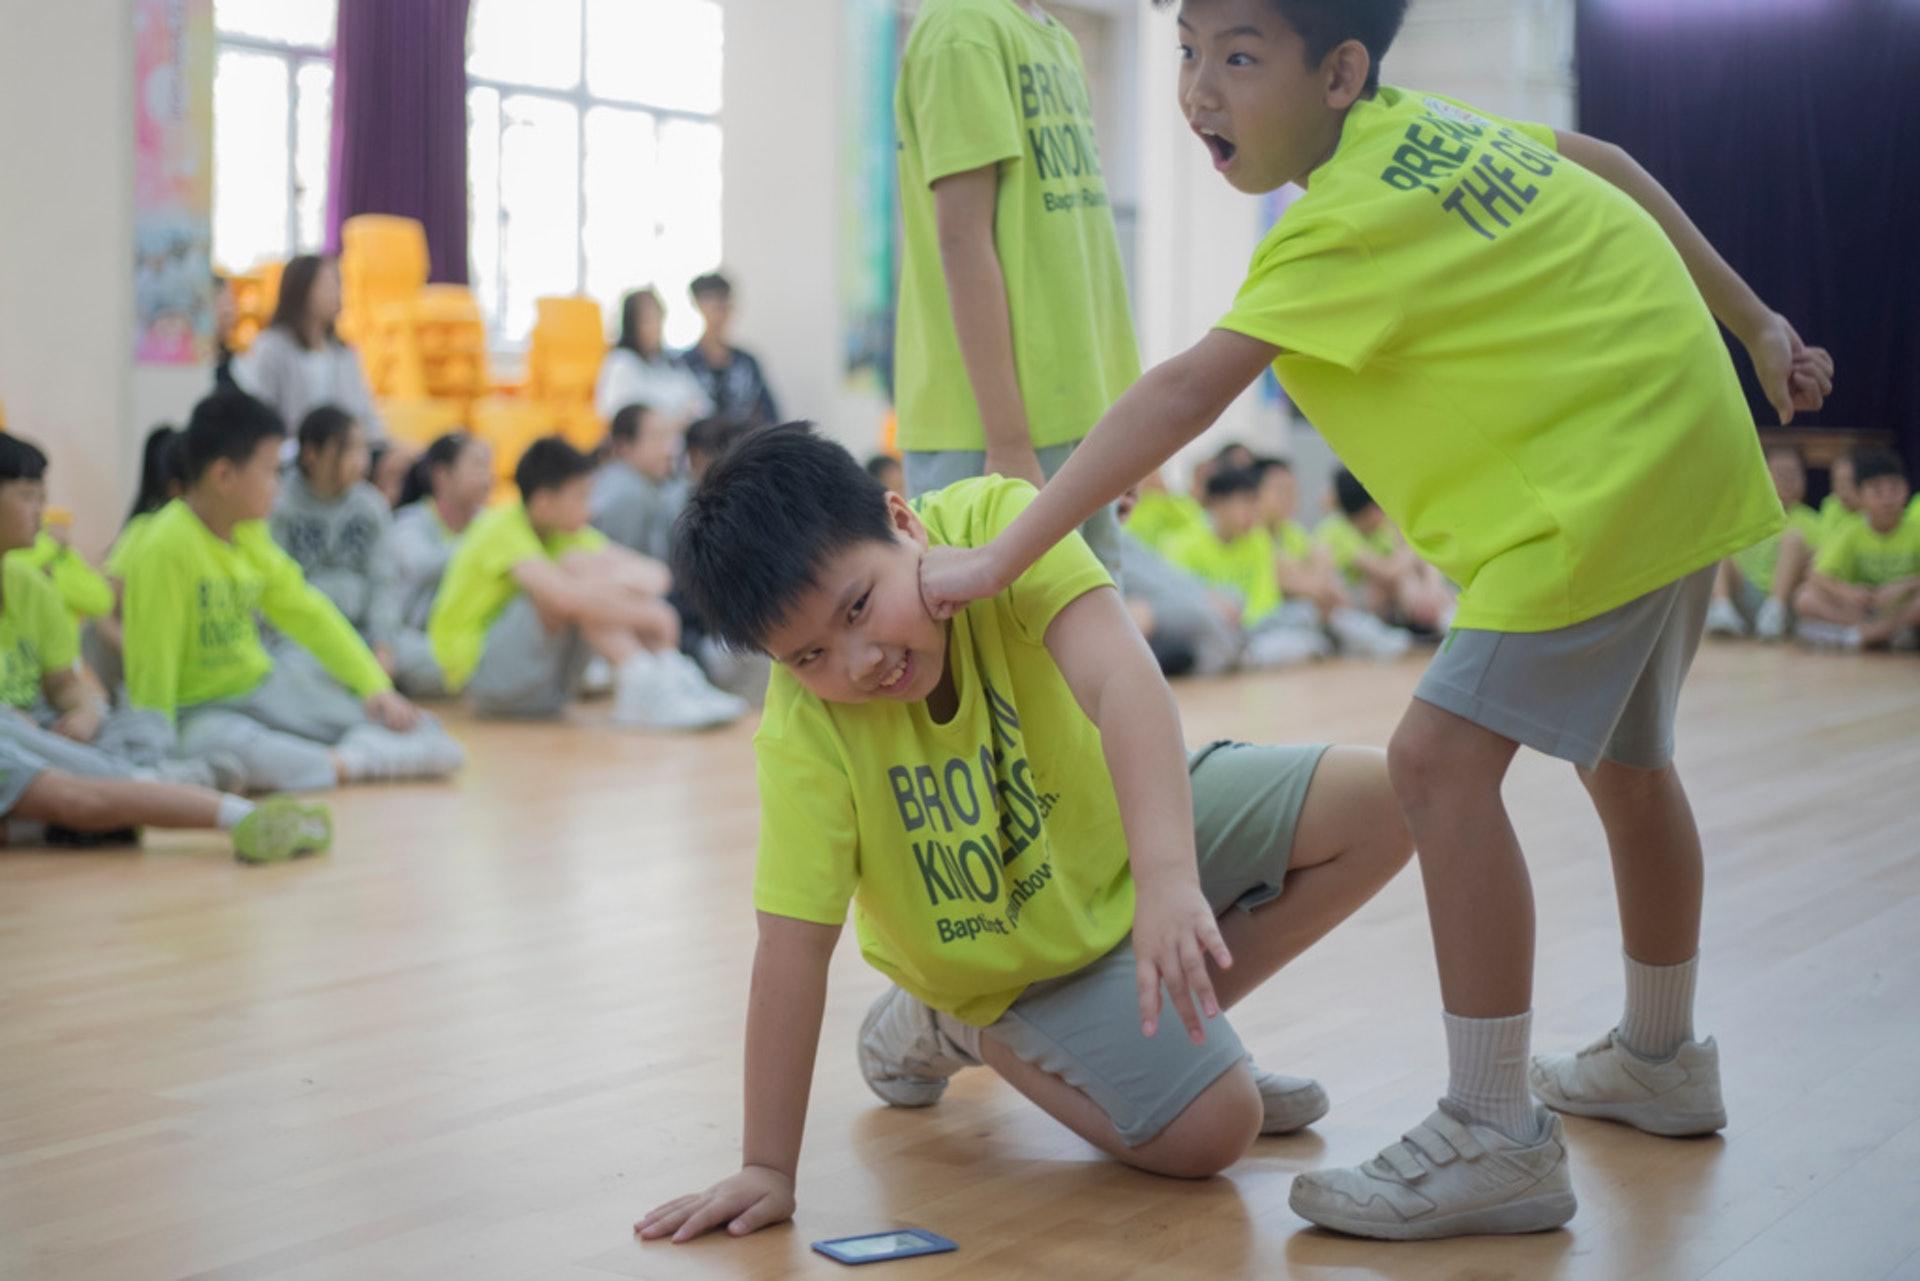 學生參與戲劇教學時,先進行定境角色扮演,重現事發一刻。(余俊亮攝)